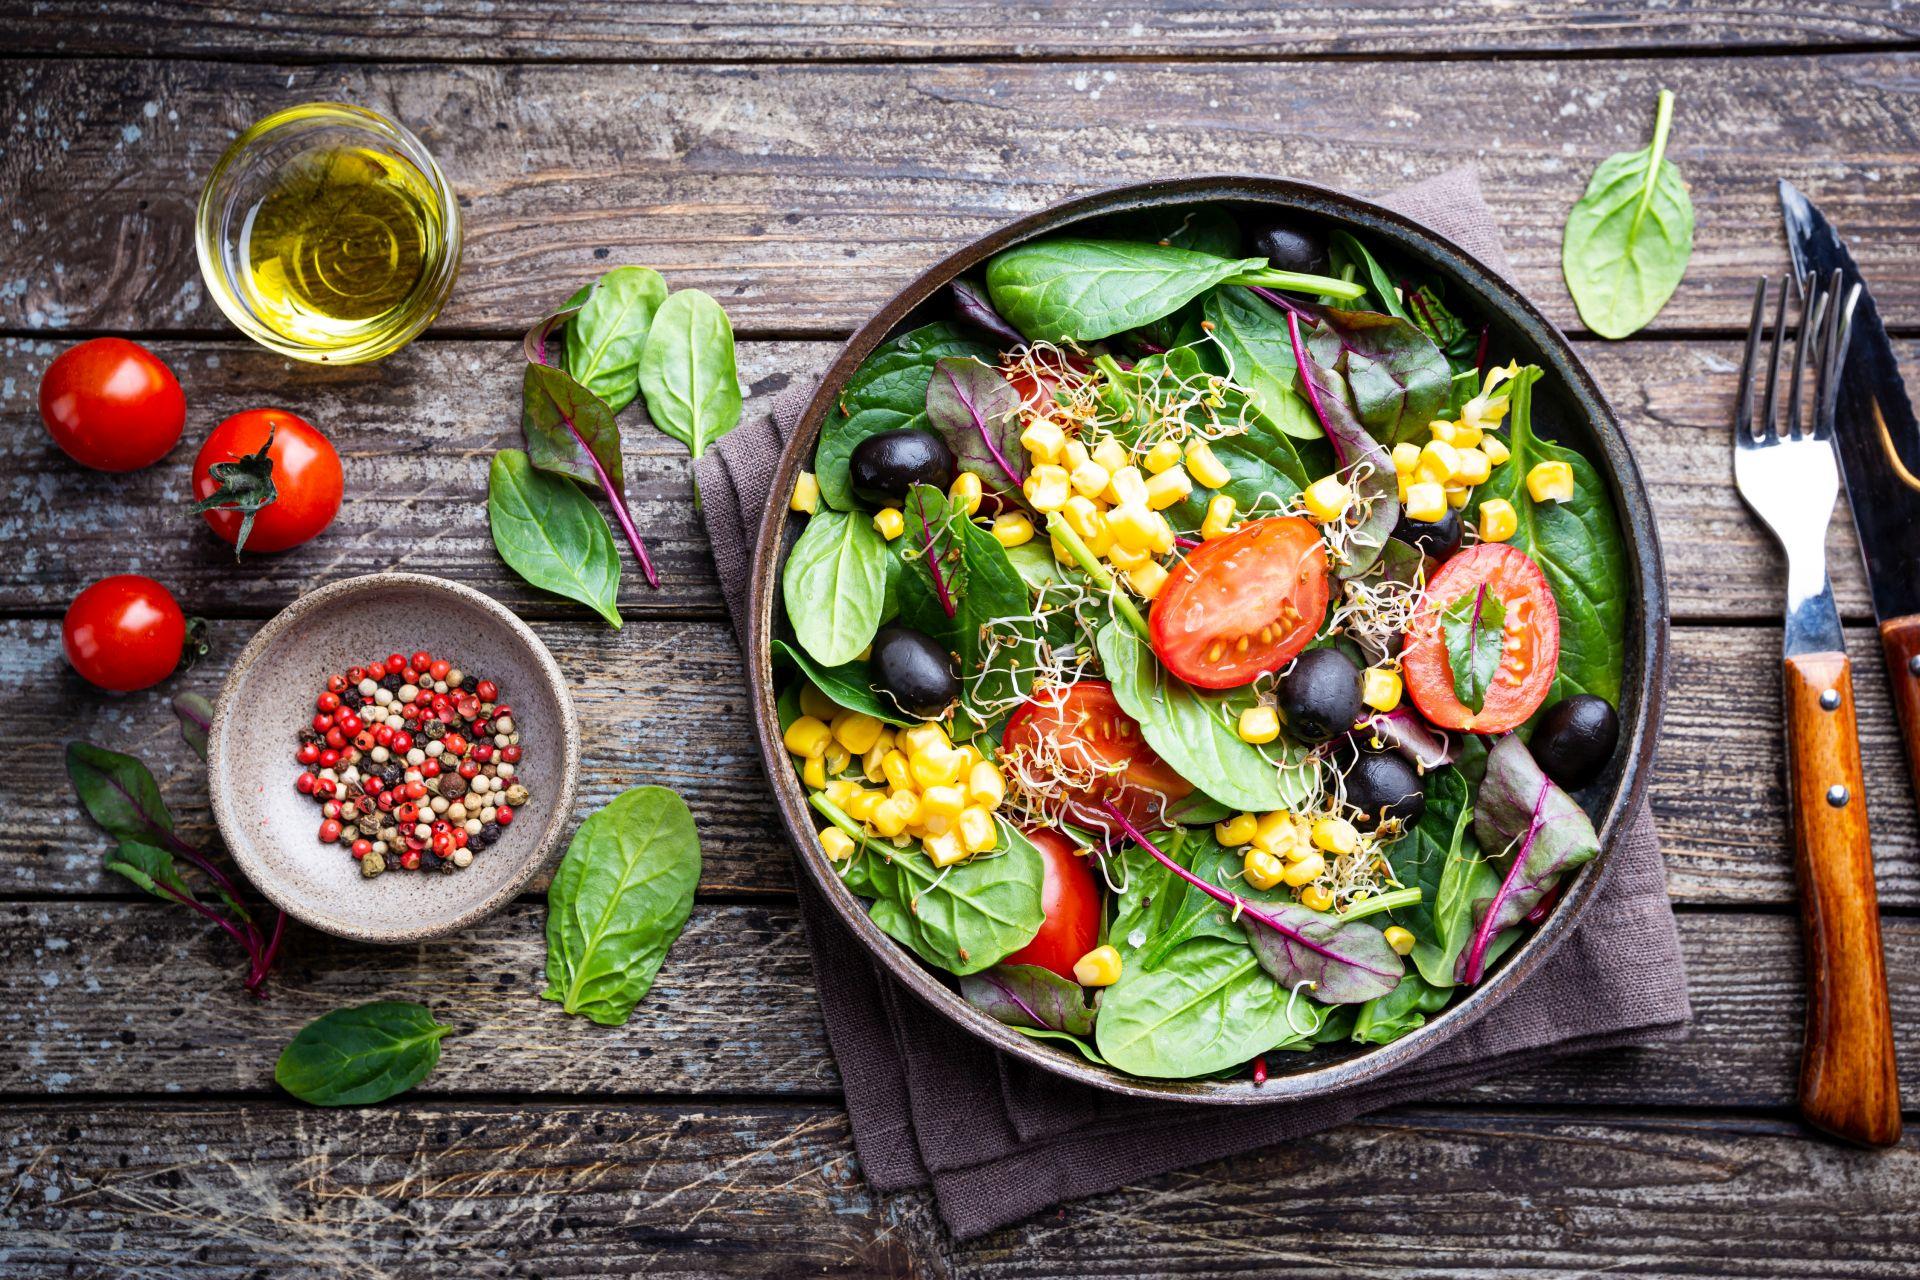 Nawyki żywieniowe i styl życia – przyczyny wysokiego poziomu cholesterolu - wdrażaj sterole roślinne do diety, które obniżają cholesterol.